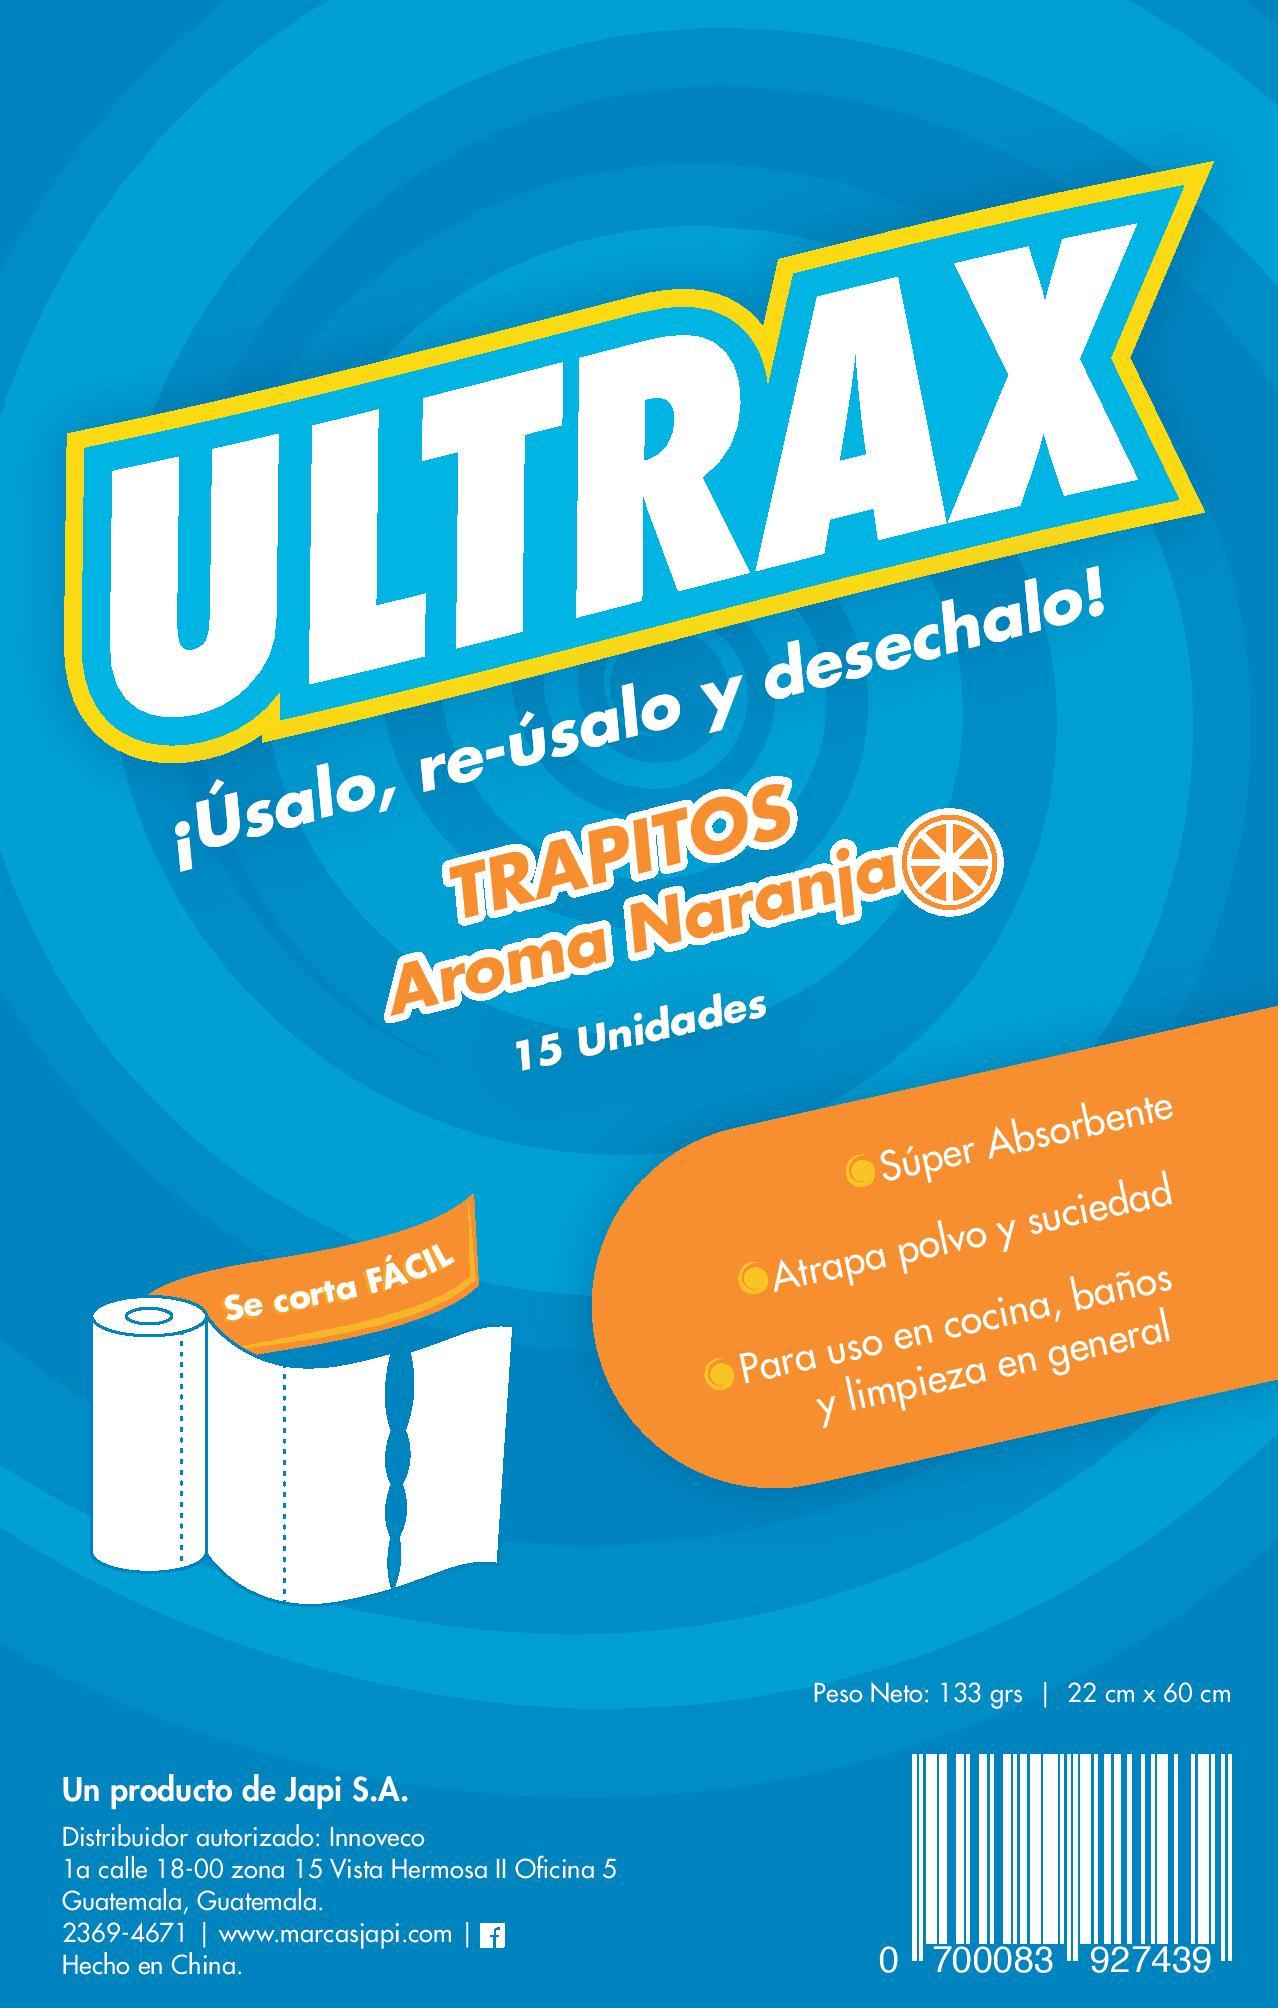 Ultrax Trapitos Naranja